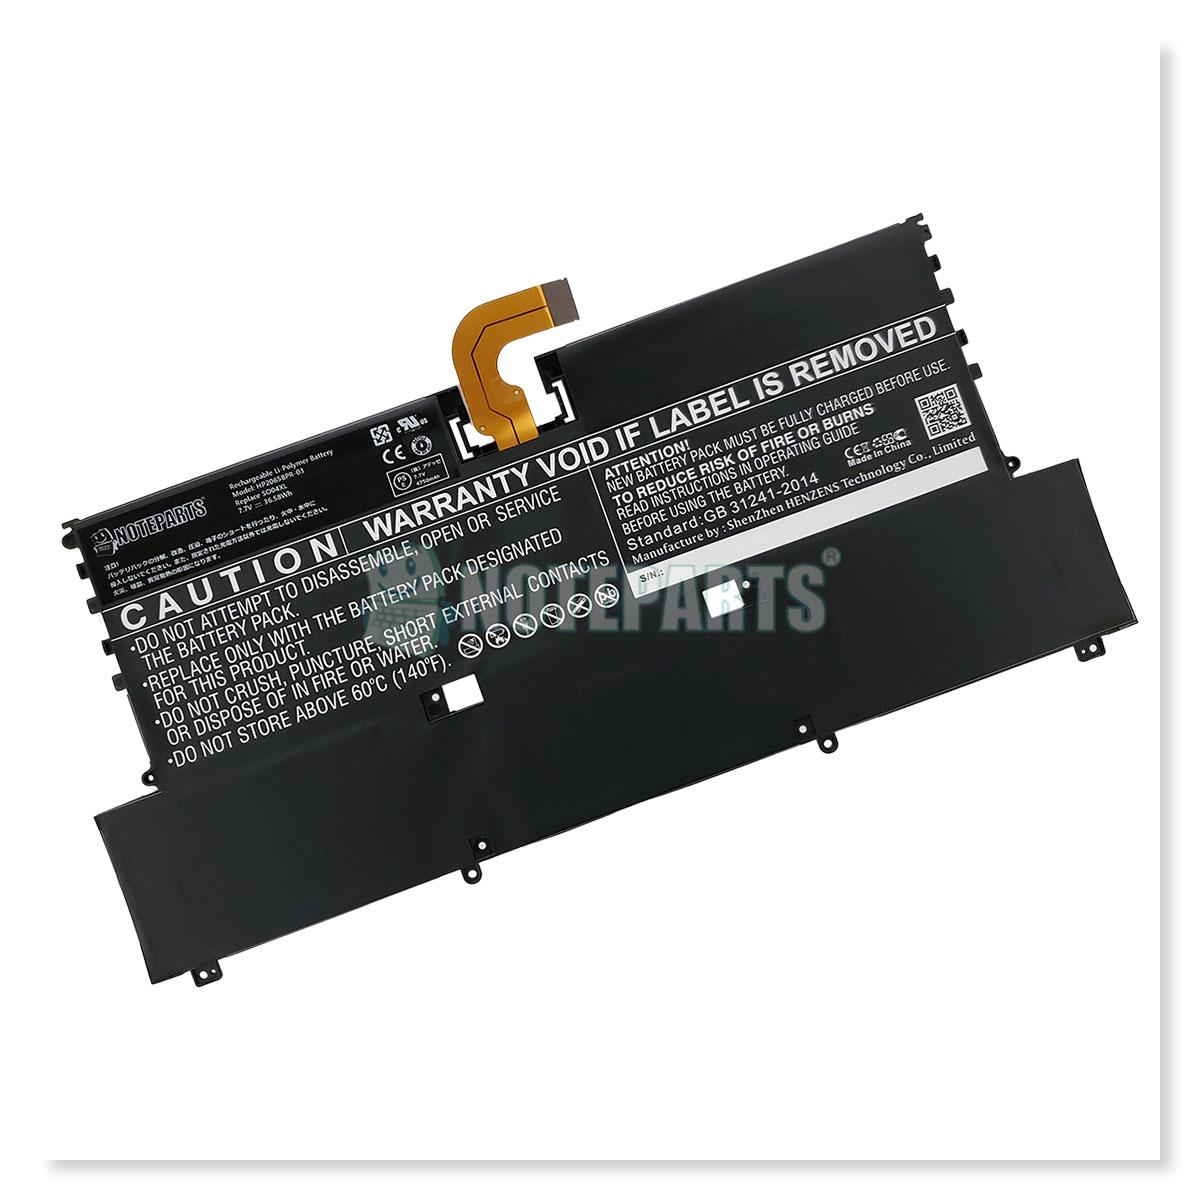 HP Spectre 13-v000 13-v006TU 13-v007TU 13-v100 バッテリー SO04XL対応 (標準コネクタタイプ)